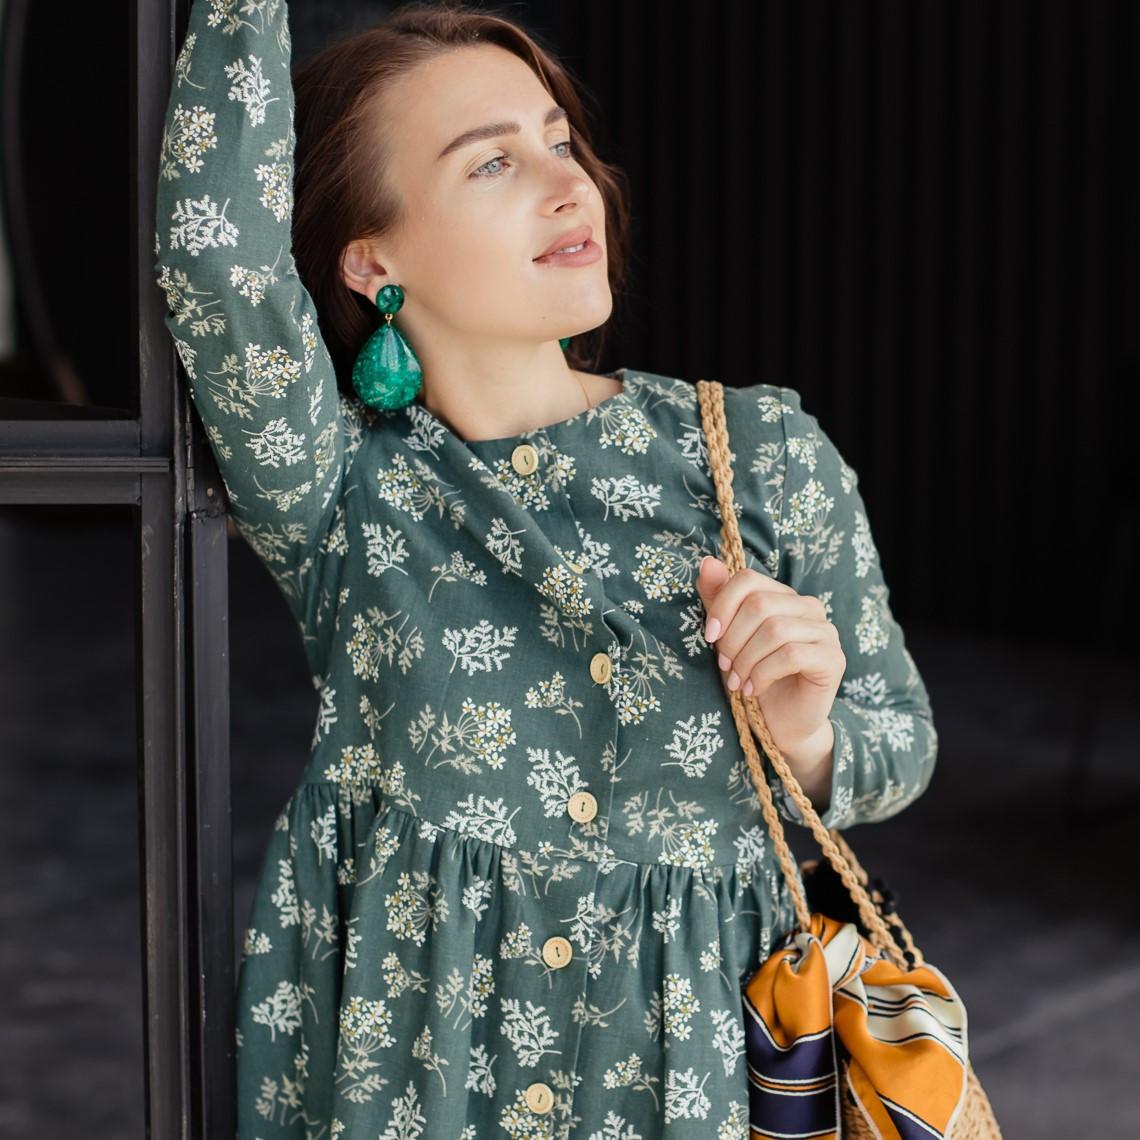 Льняное платье-халат зеленого цвета с растительным принтом. - фото 1